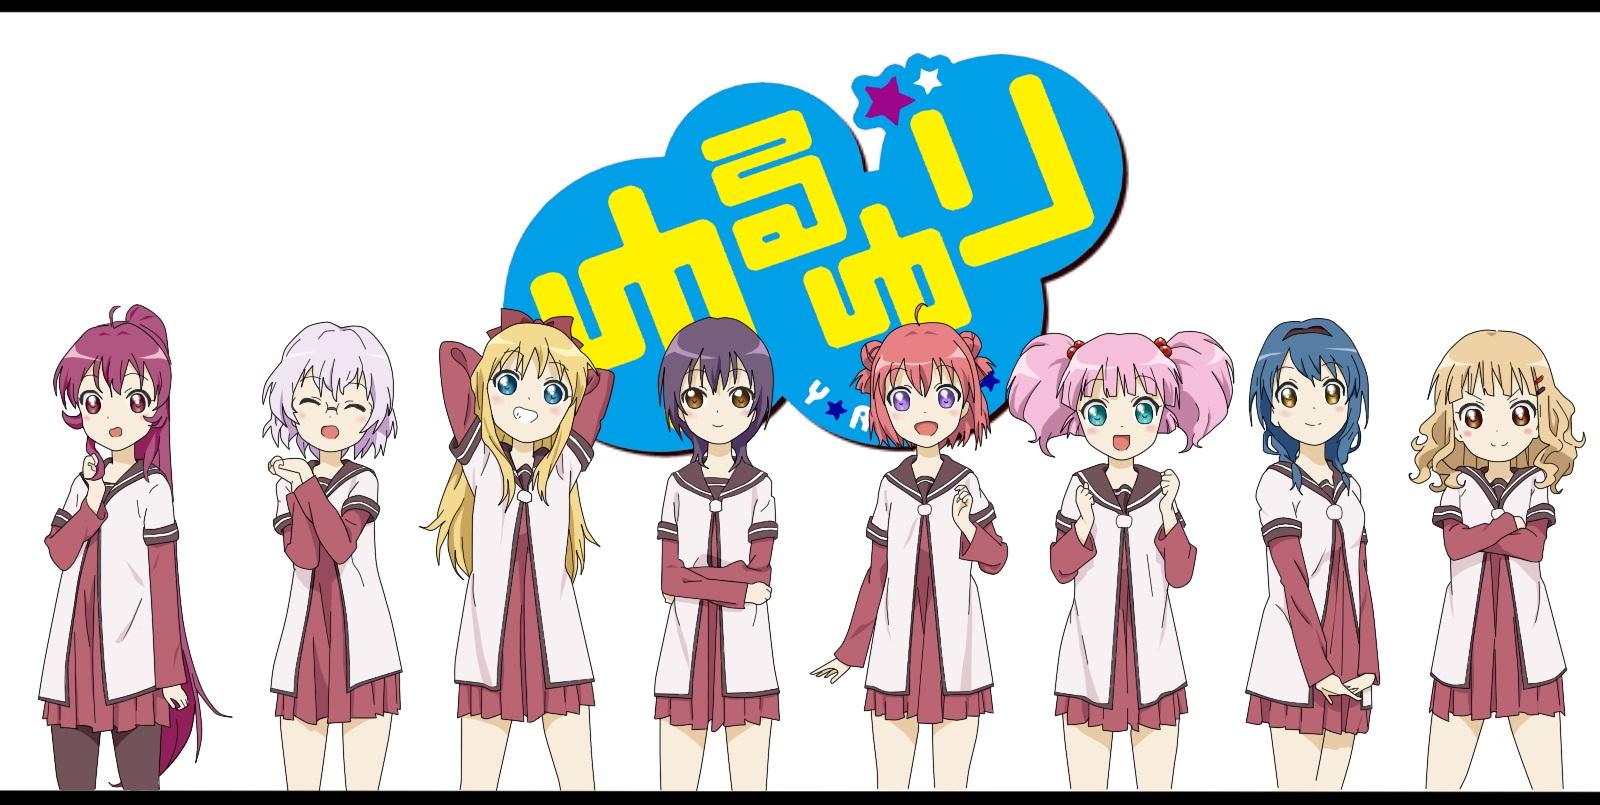 Yuru Yuri Download Image